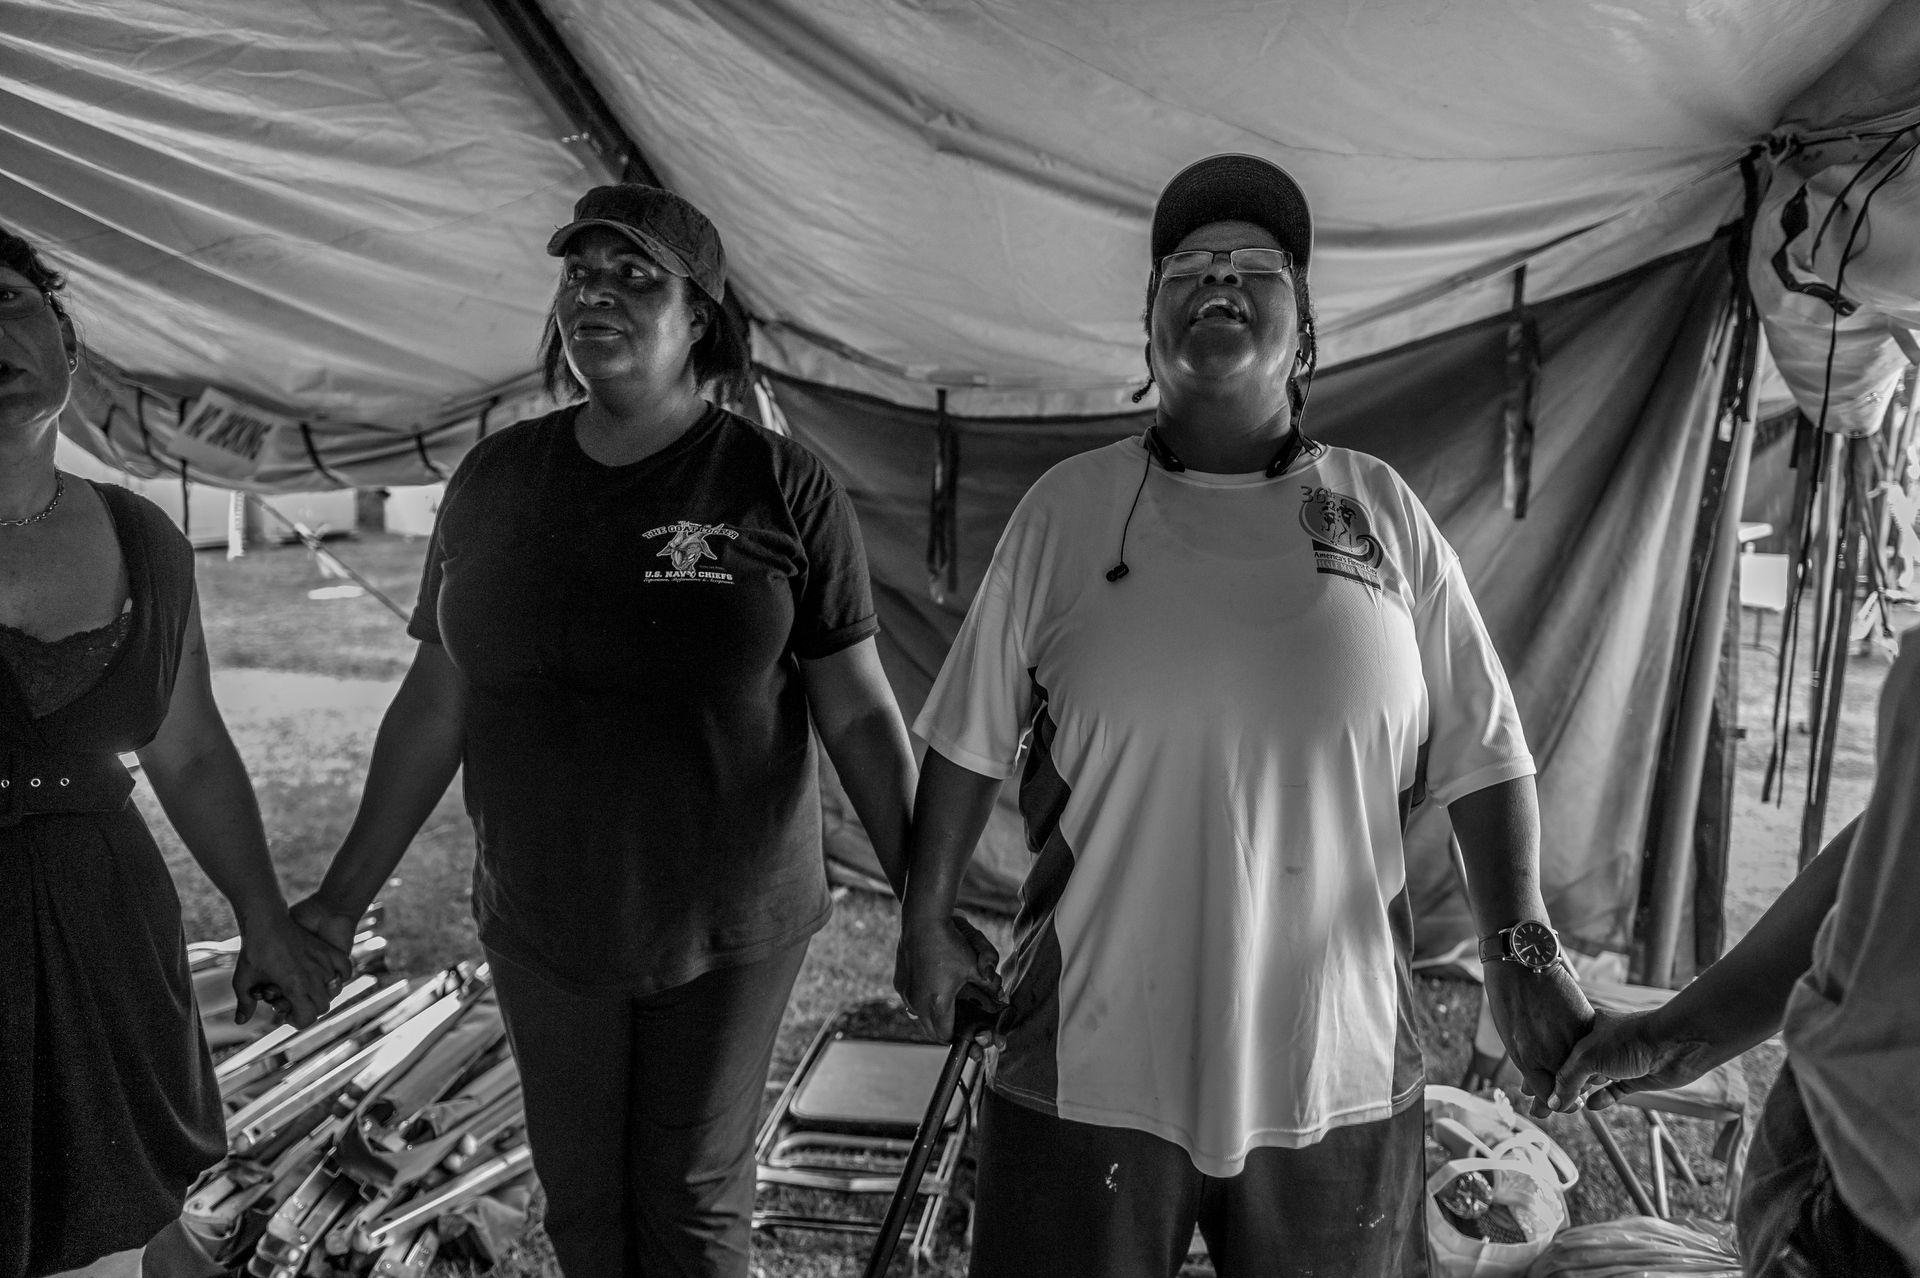 Missing in Action: Homeless Women Veterans - 4